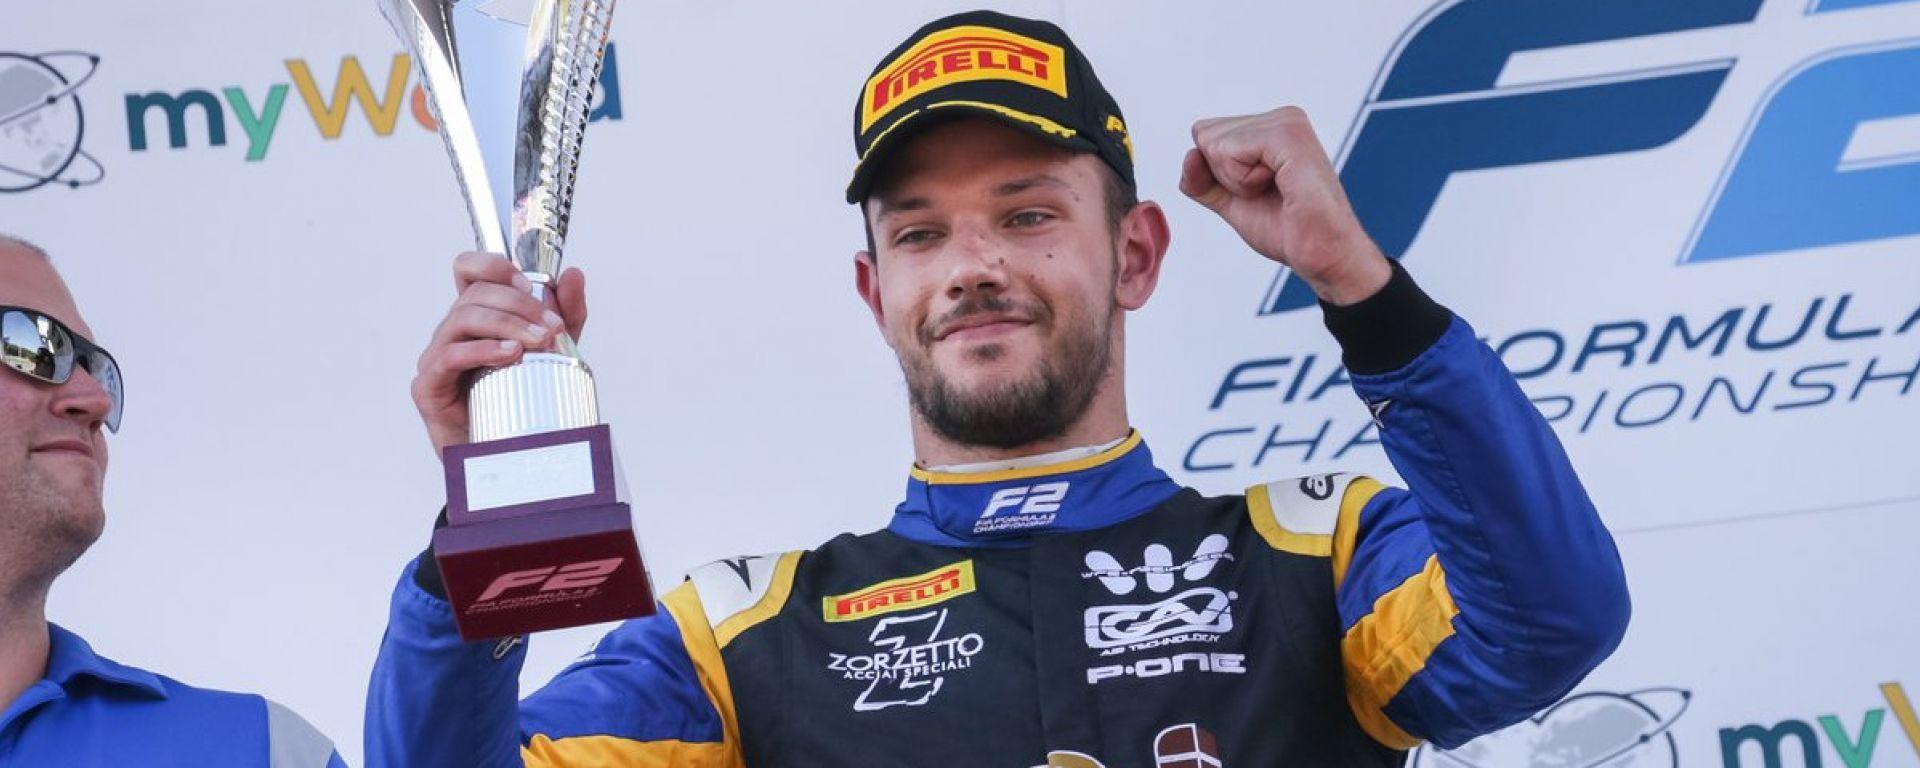 Luca Ghiotto, l'Italia della F2 che sorride al Red Bull Ring